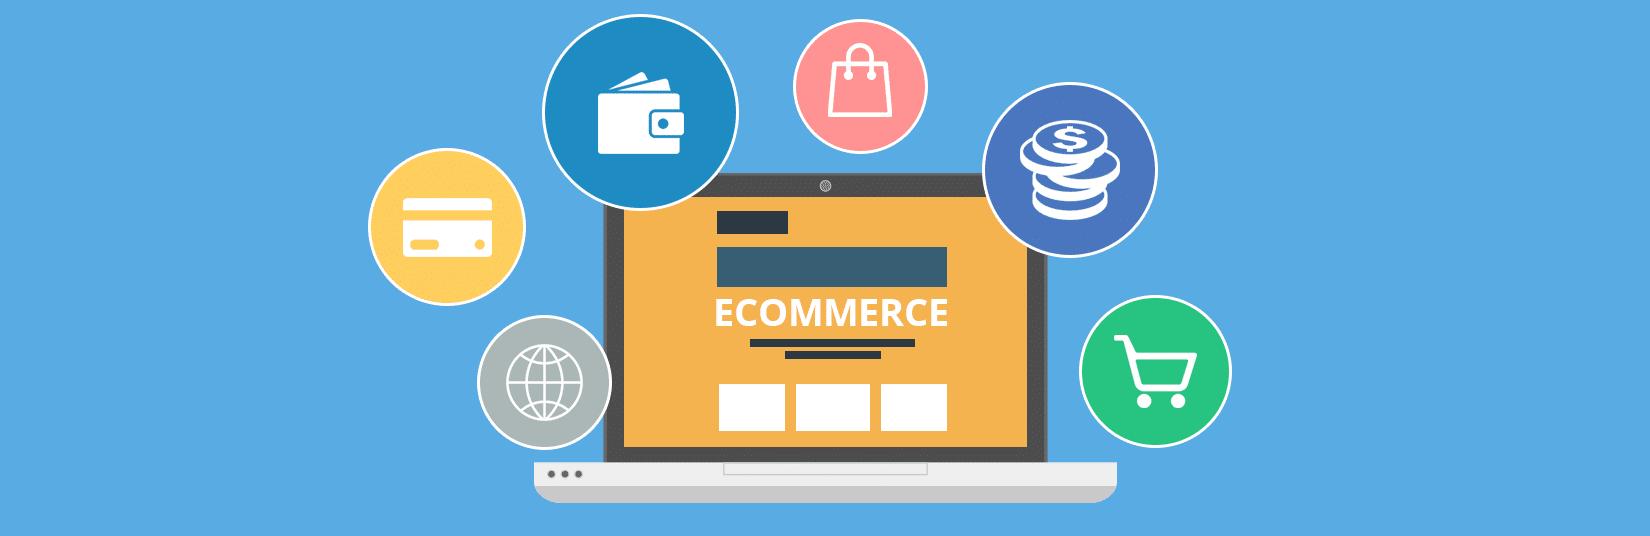 e commerce for seo